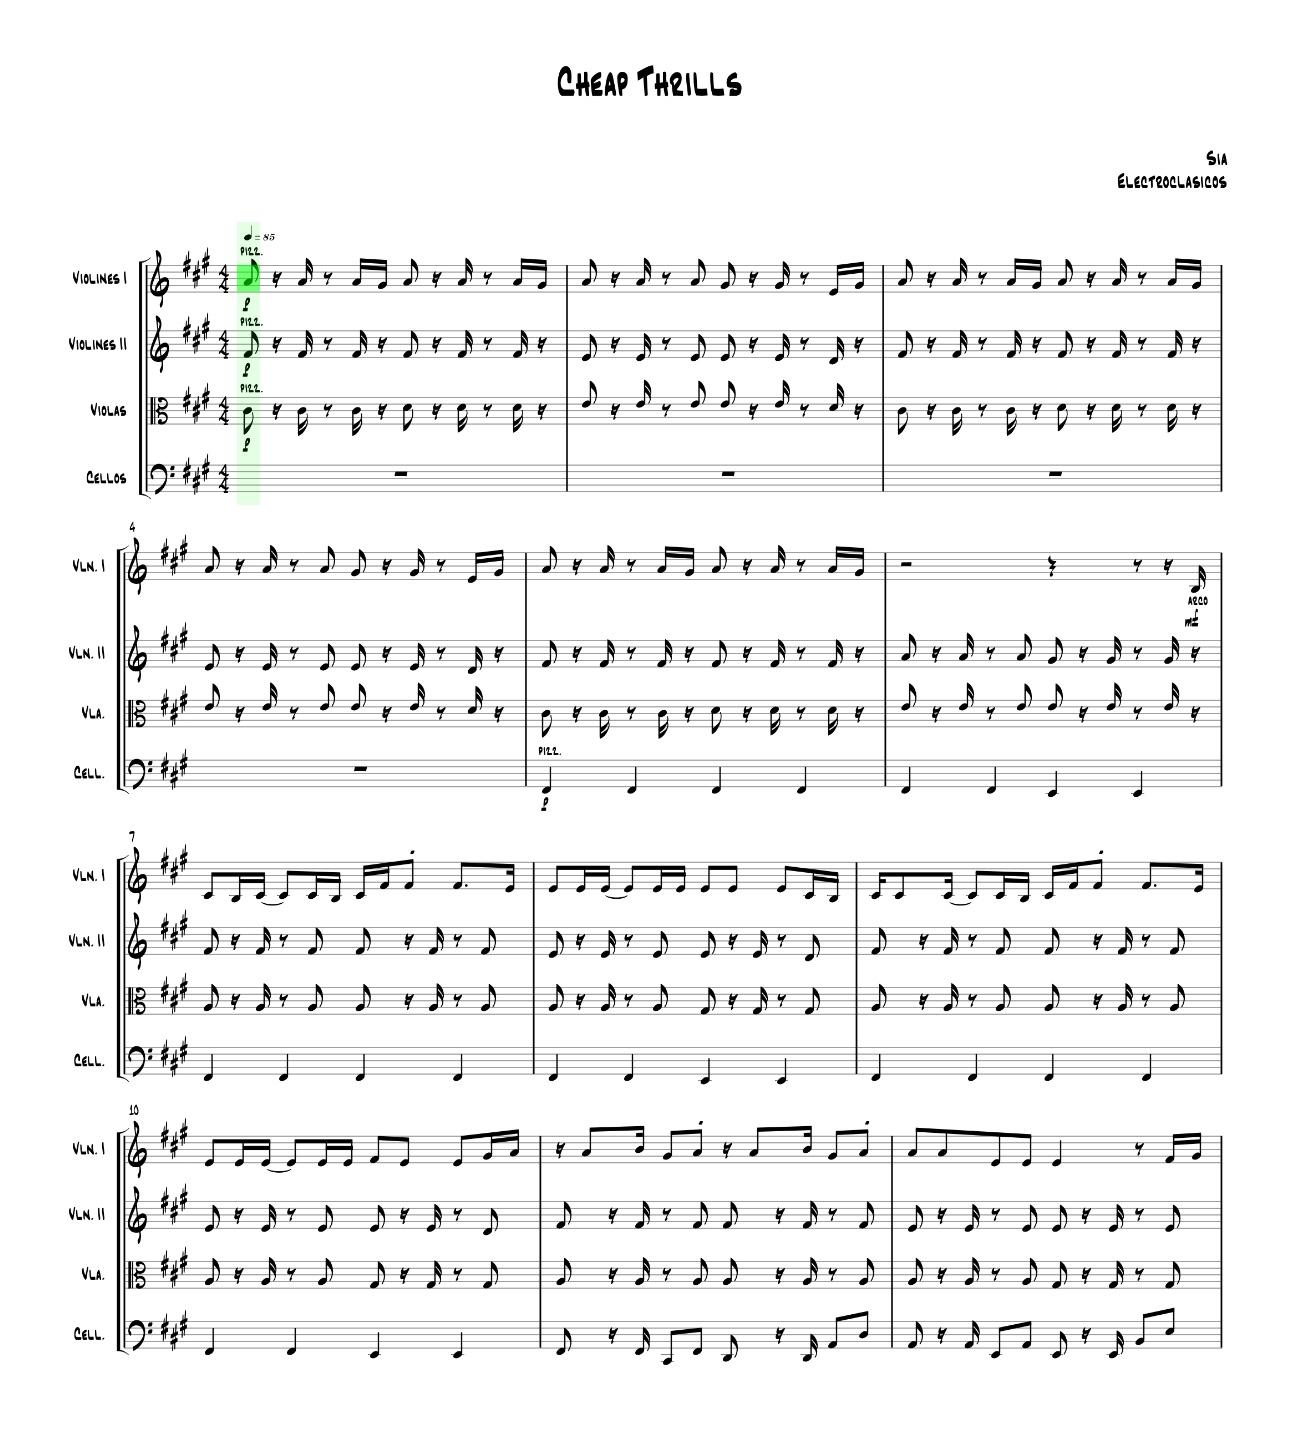 Sheet Music String Quartet Cheap Thrills, Sia